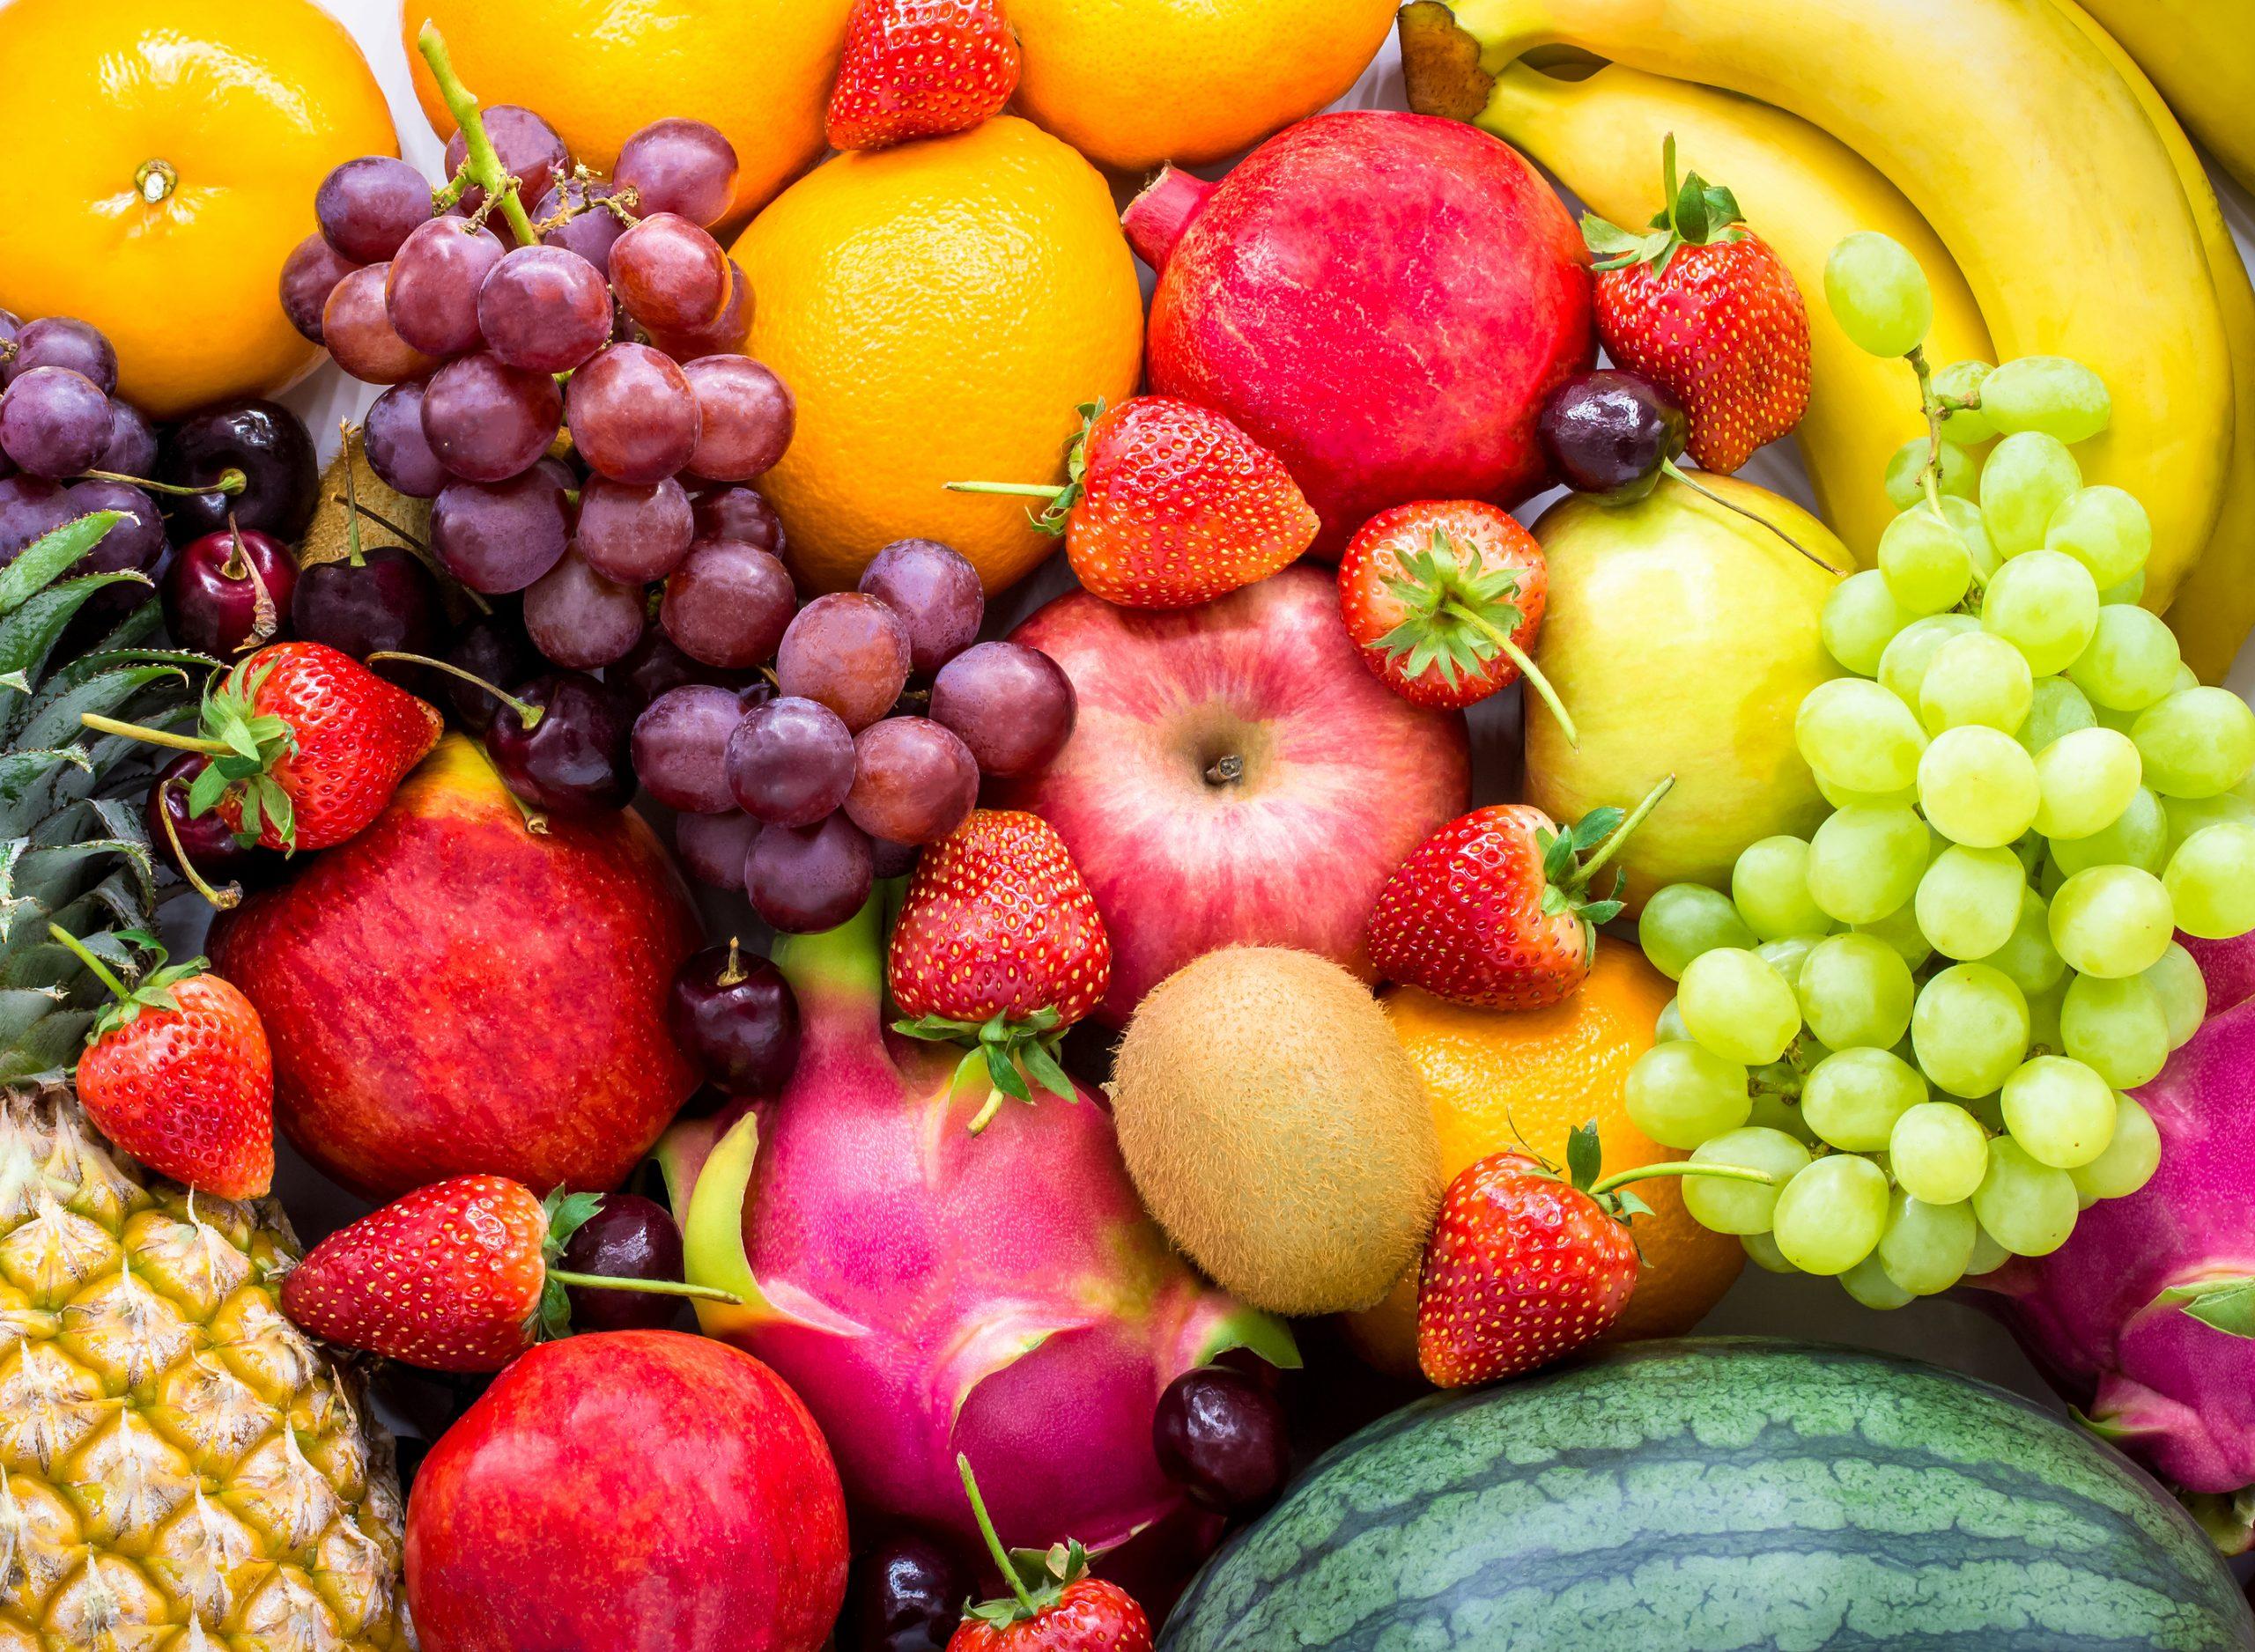 Yazı: Tropikal Meyvelerin Renkli Dünyası – 1 | Yazar: Pelin Erem